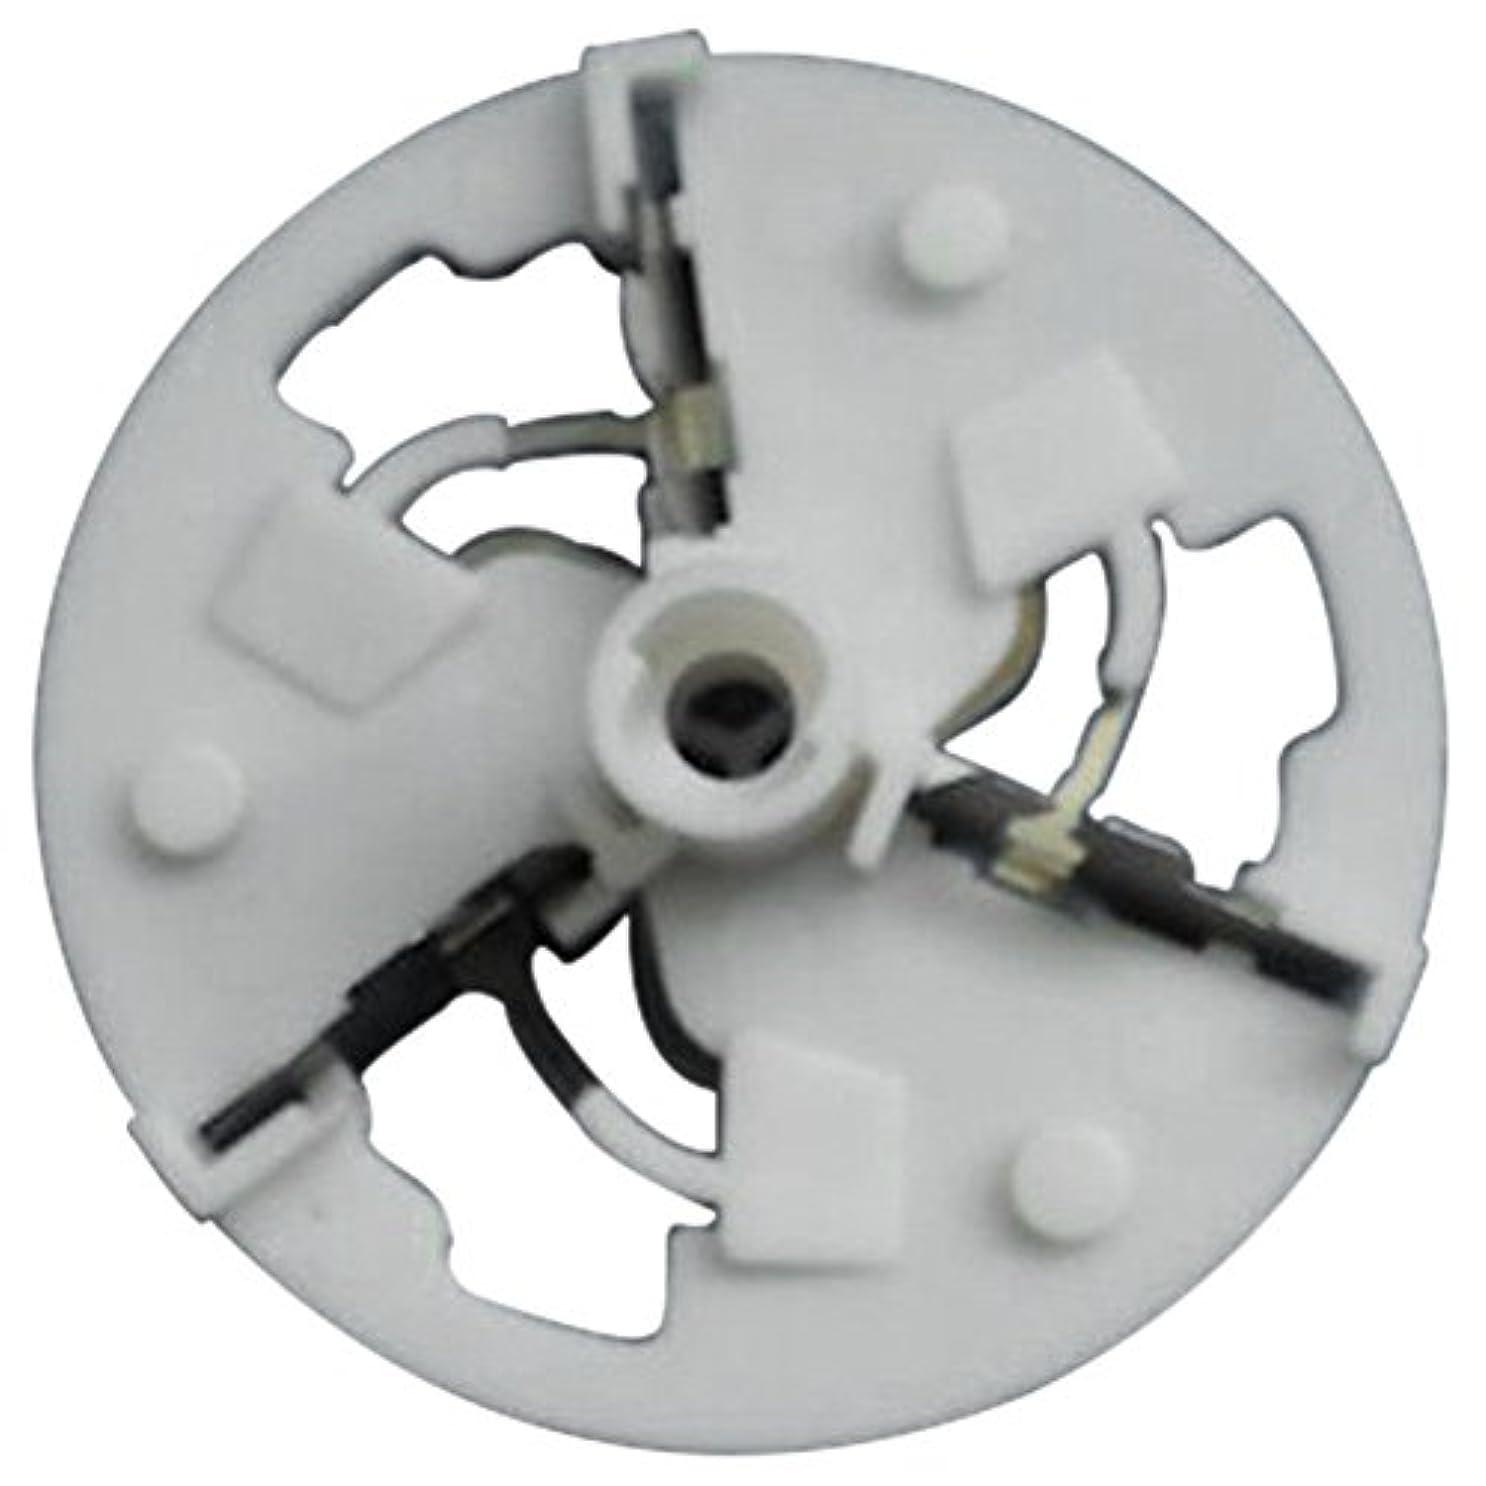 近似麻痺させる摘むDeylaying 3x リントリムーバーブレード ファブリック シェーバー 置換 for Panasonic ER857 ER857P ER846